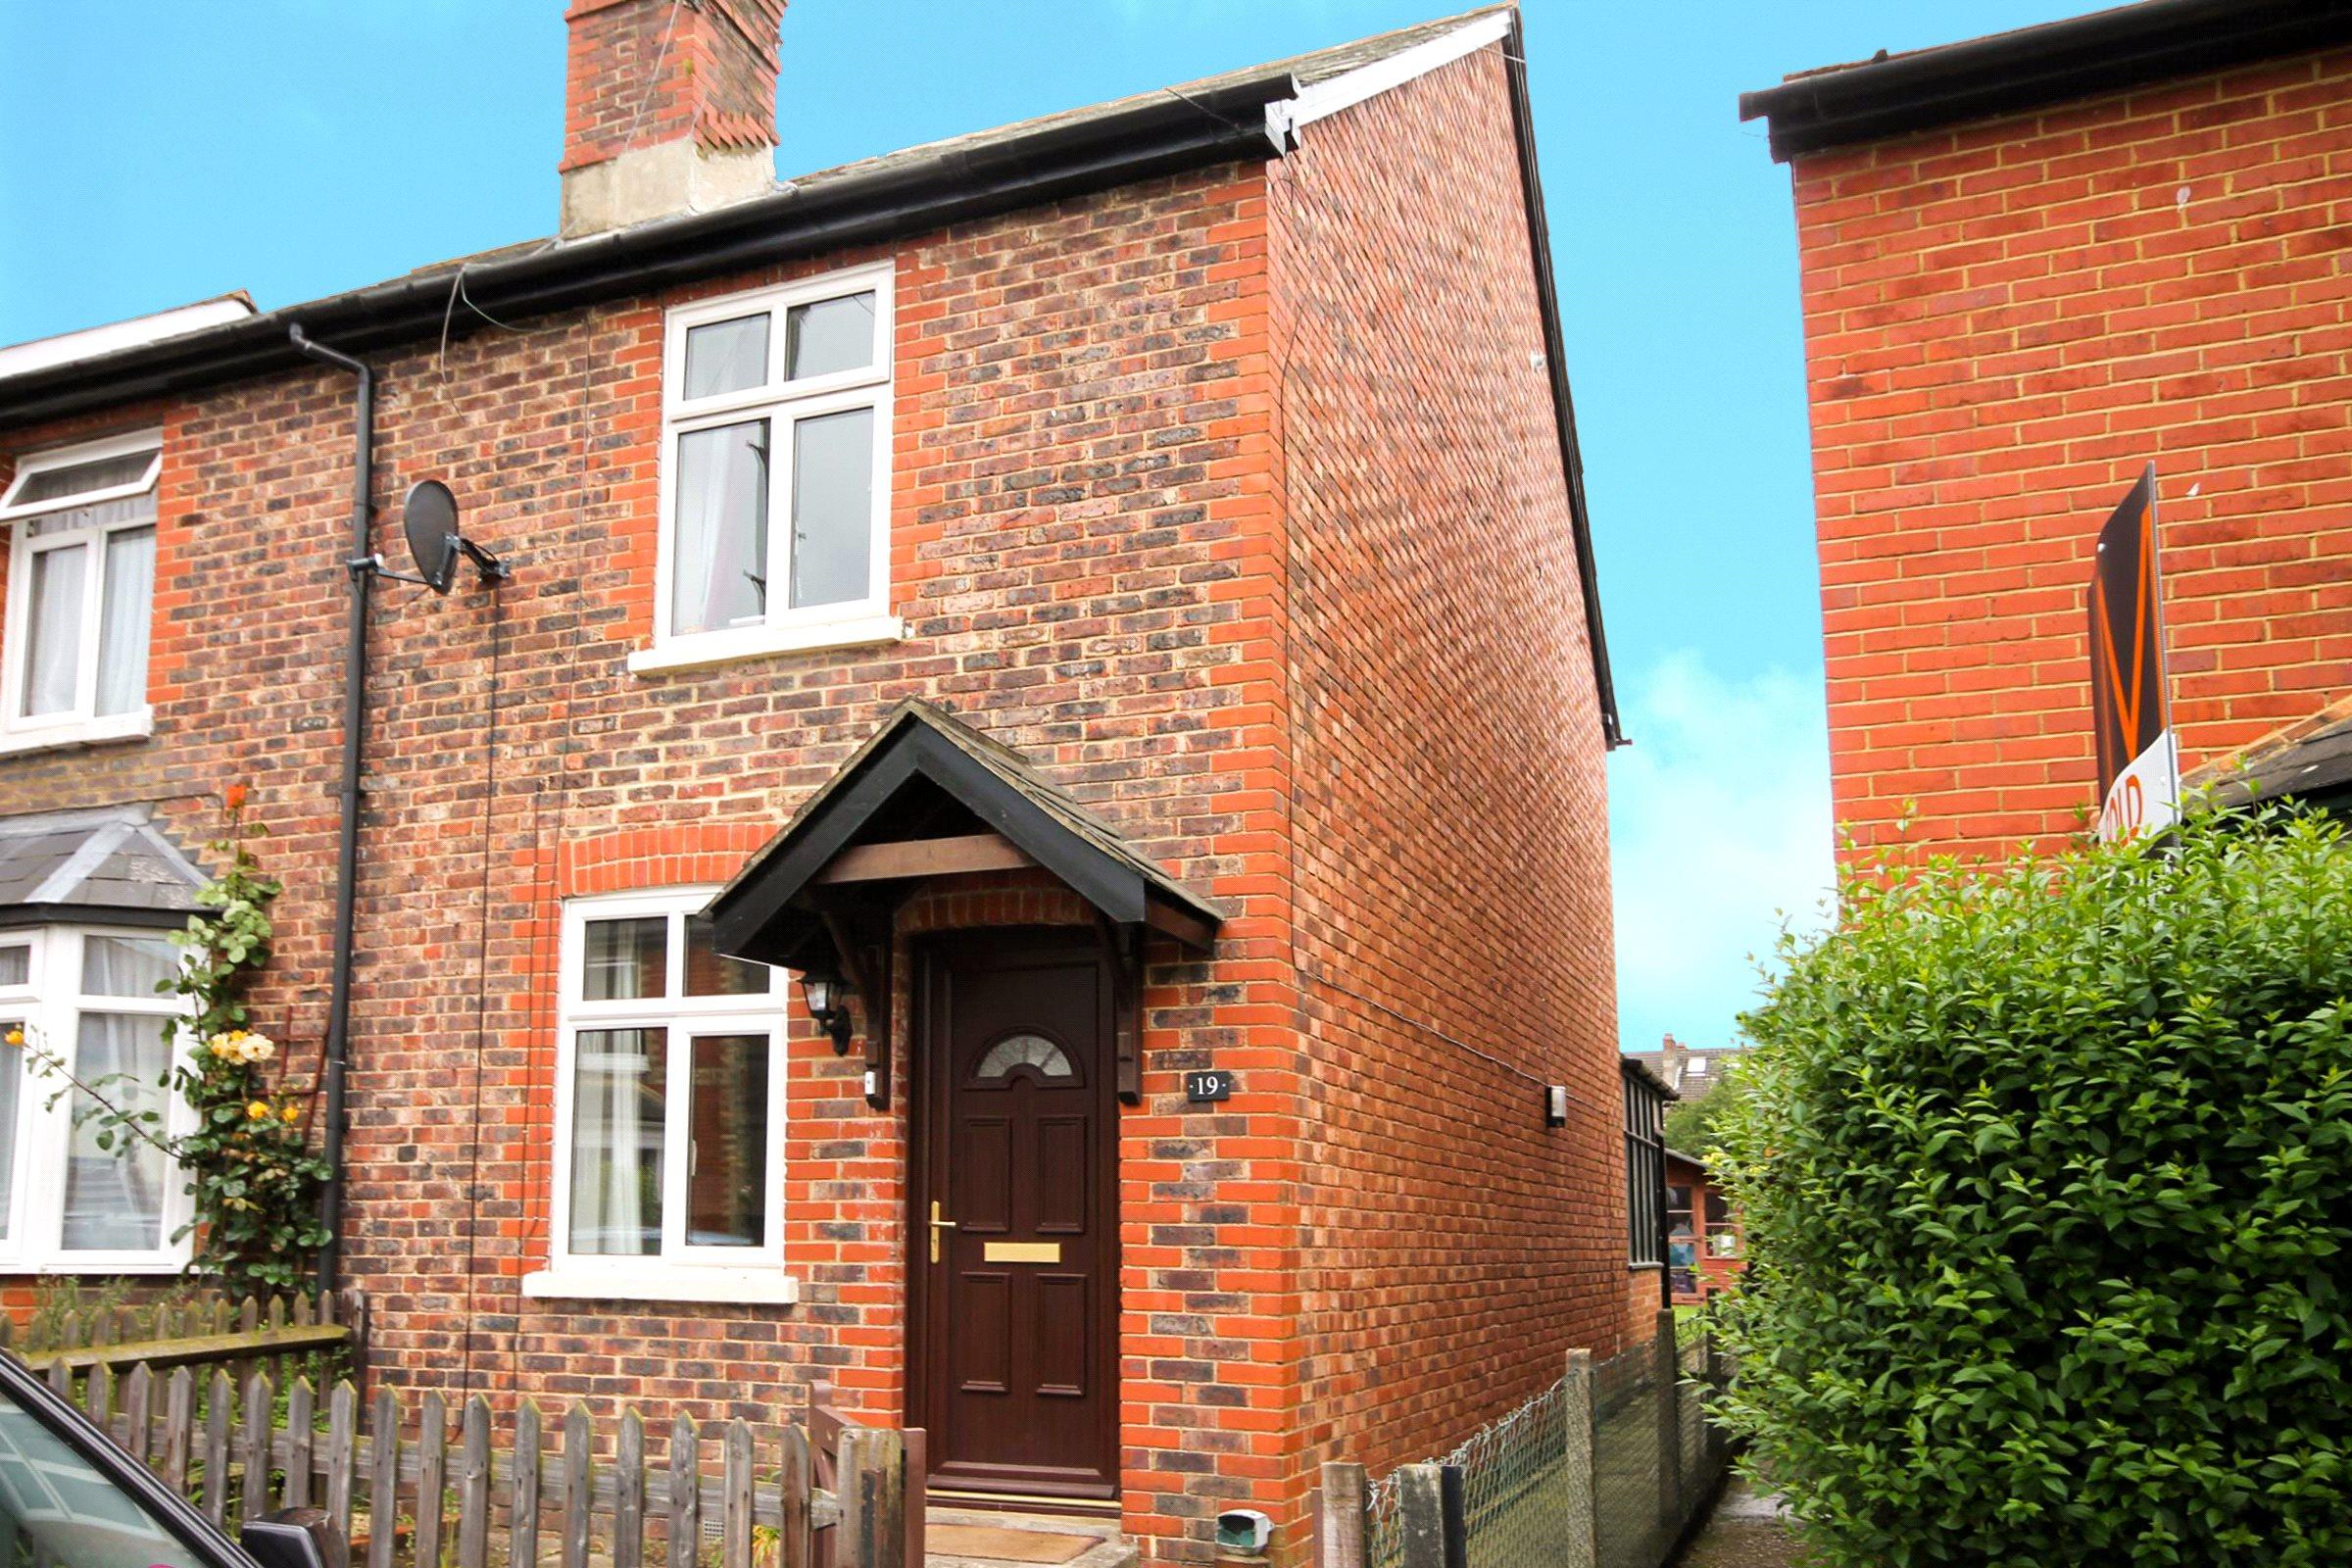 3 Bedrooms Semi Detached House for sale in Watson Road, Westcott, Dorking, Surrey, RH4